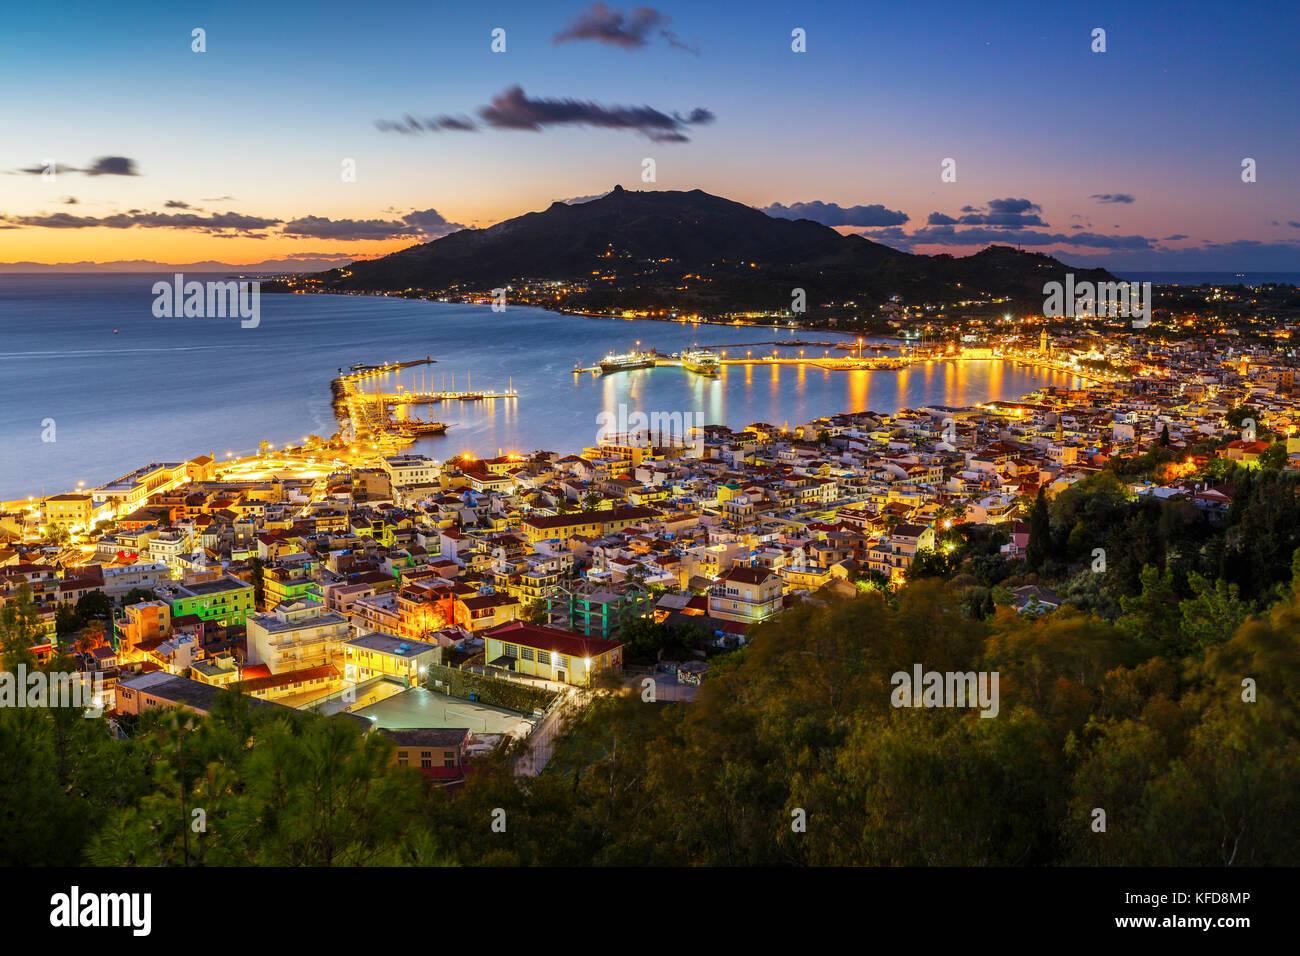 Le lever du soleil sur la ville de Zakynthos et son port, la Grèce. Banque D'Images